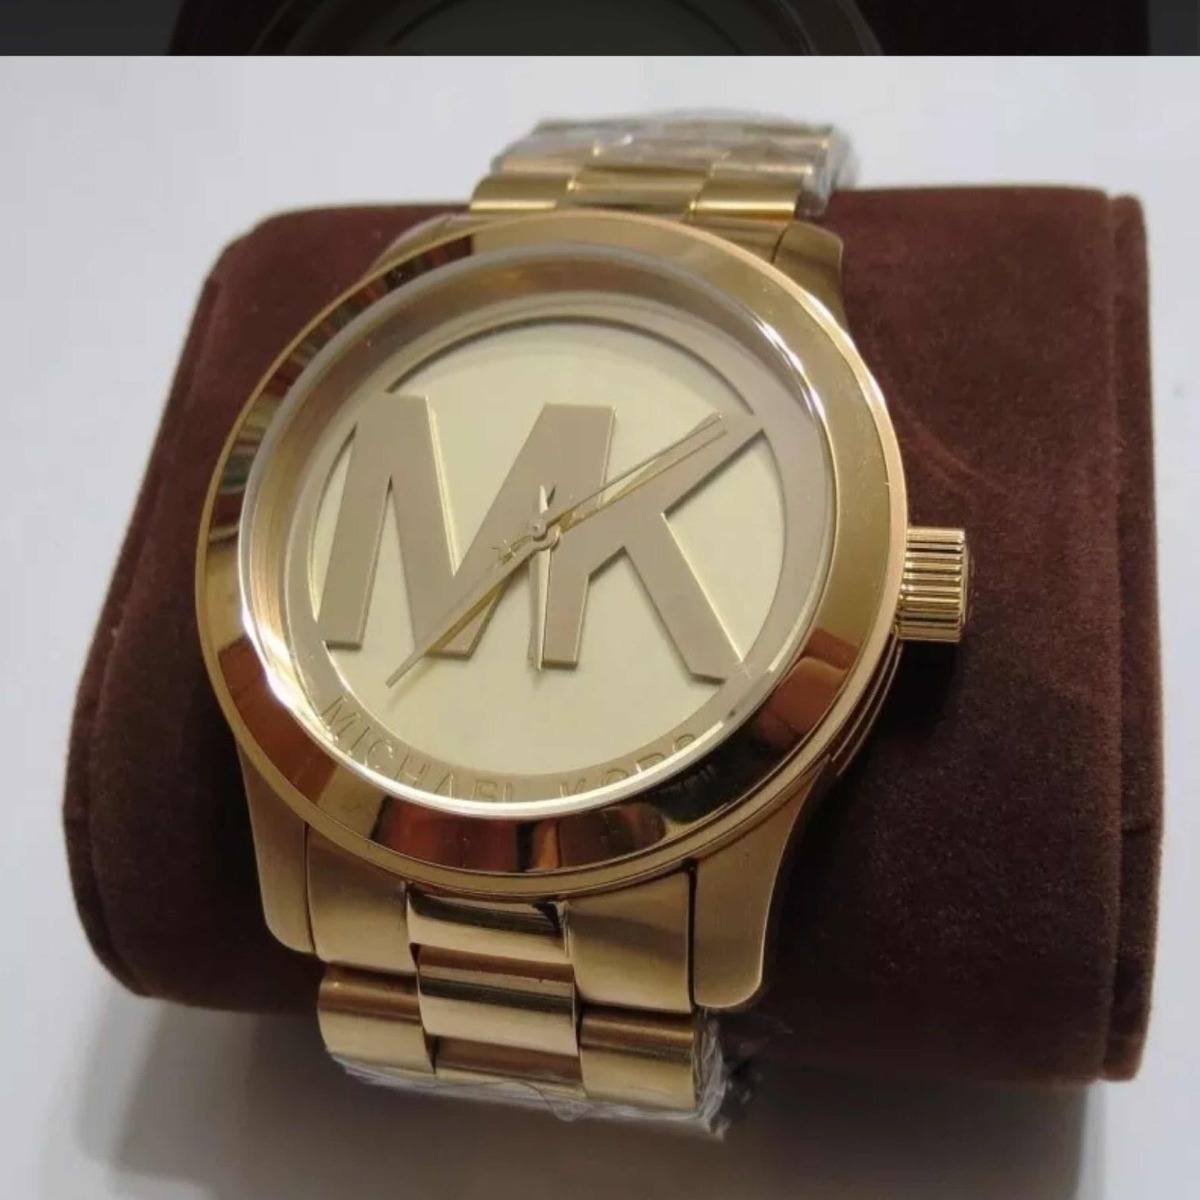 858ce0ef1c4d3 relógio michael kors feminino logo mk dourado. Carregando zoom.